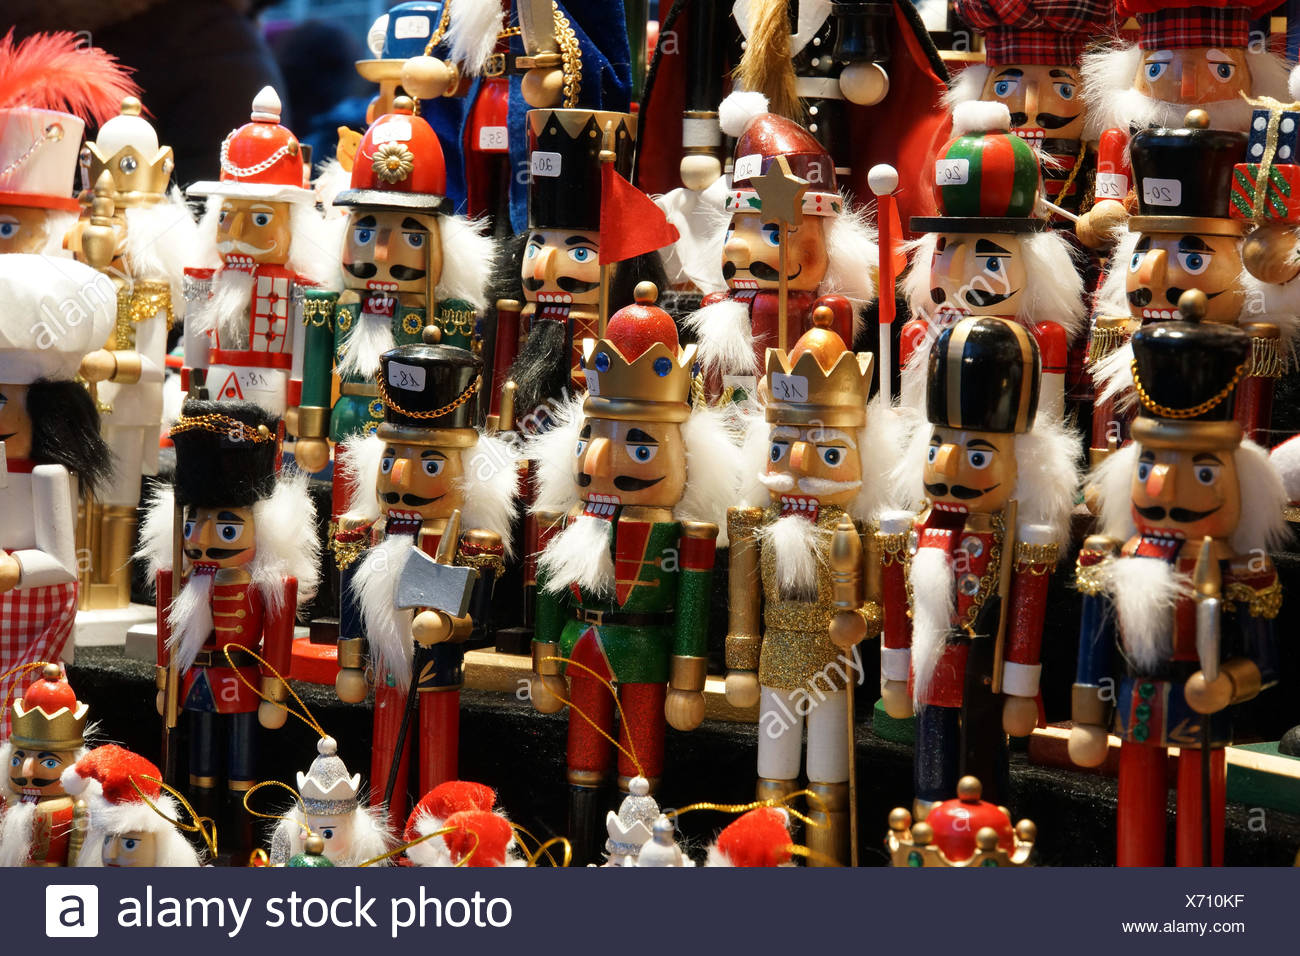 Weihnachtsmarkt am Hahnentor - Stock Image